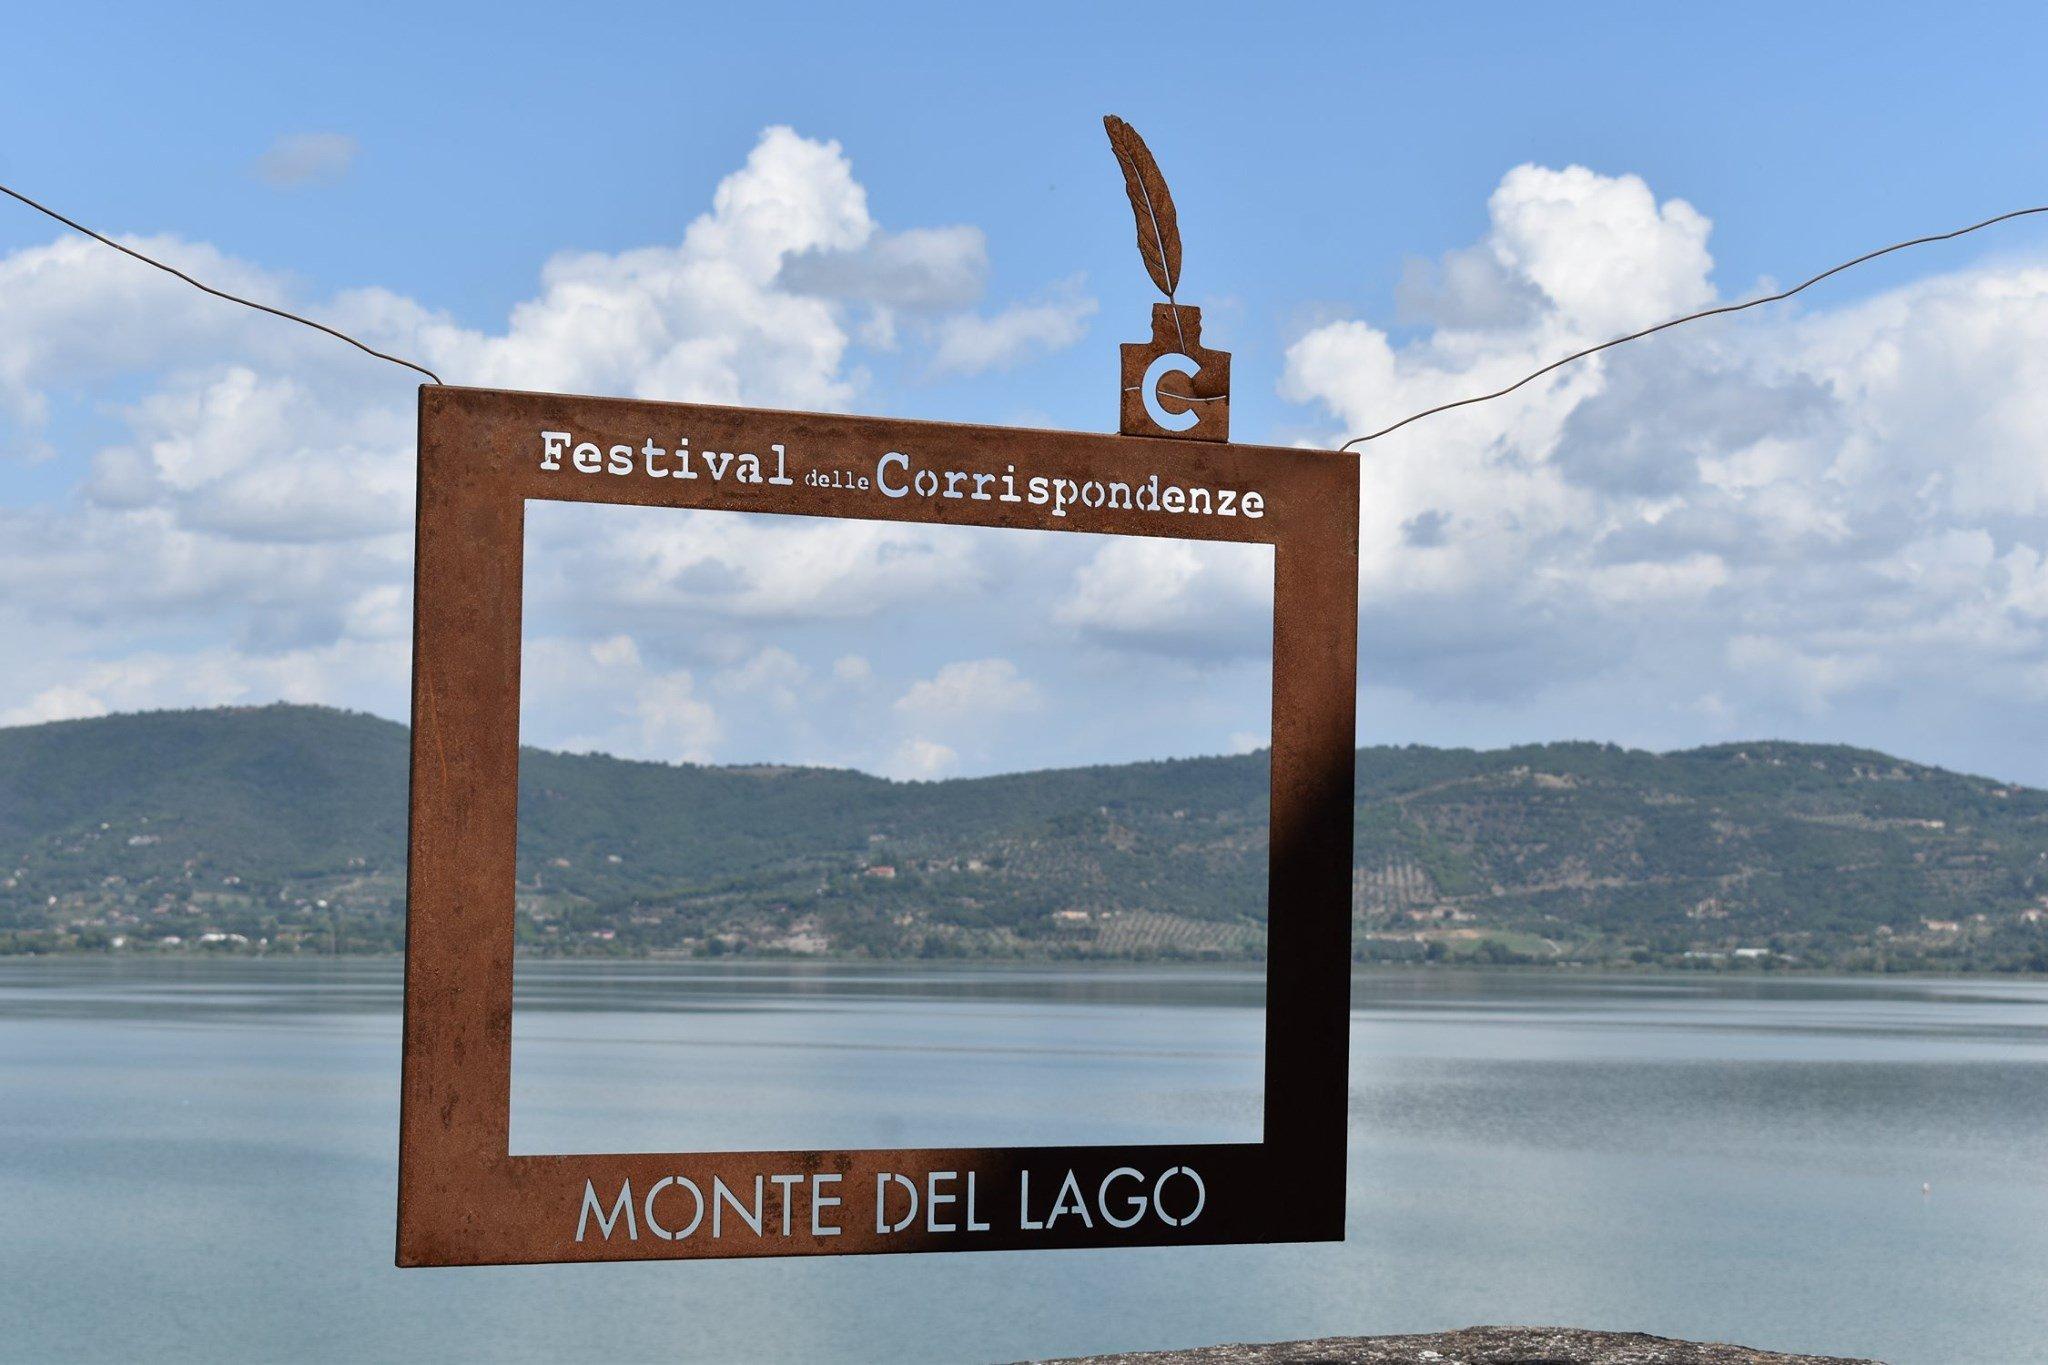 Torna il Festival delle Corrispondenze, dal 3 al 6 settembre a Monte del Lago